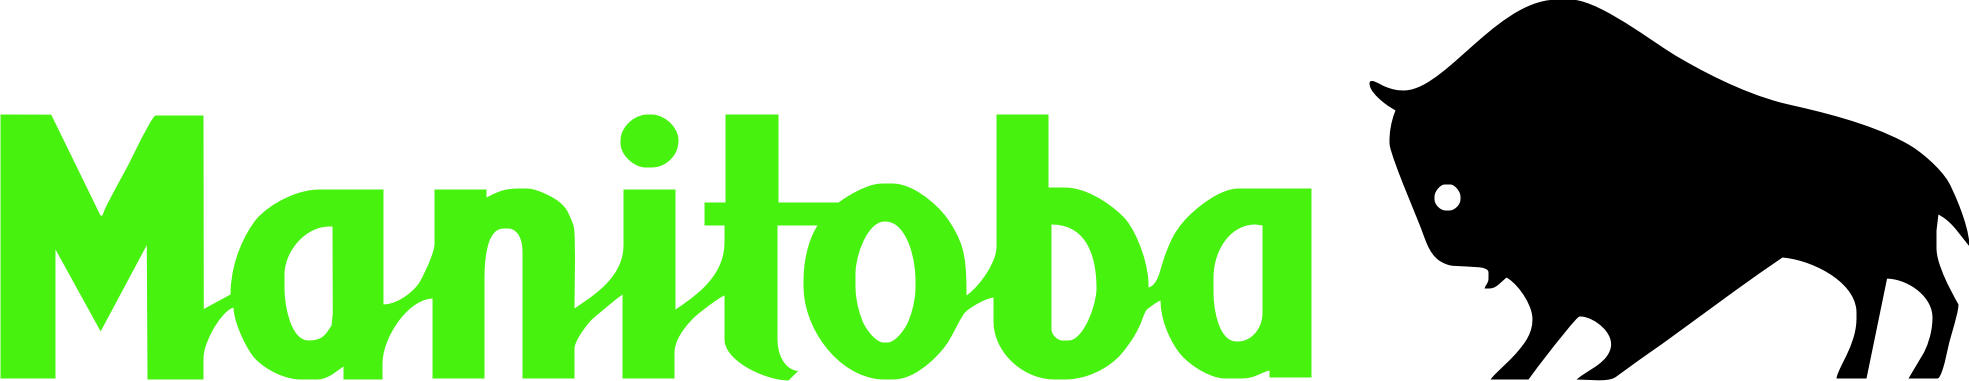 manitoba_logo_rgb_2006